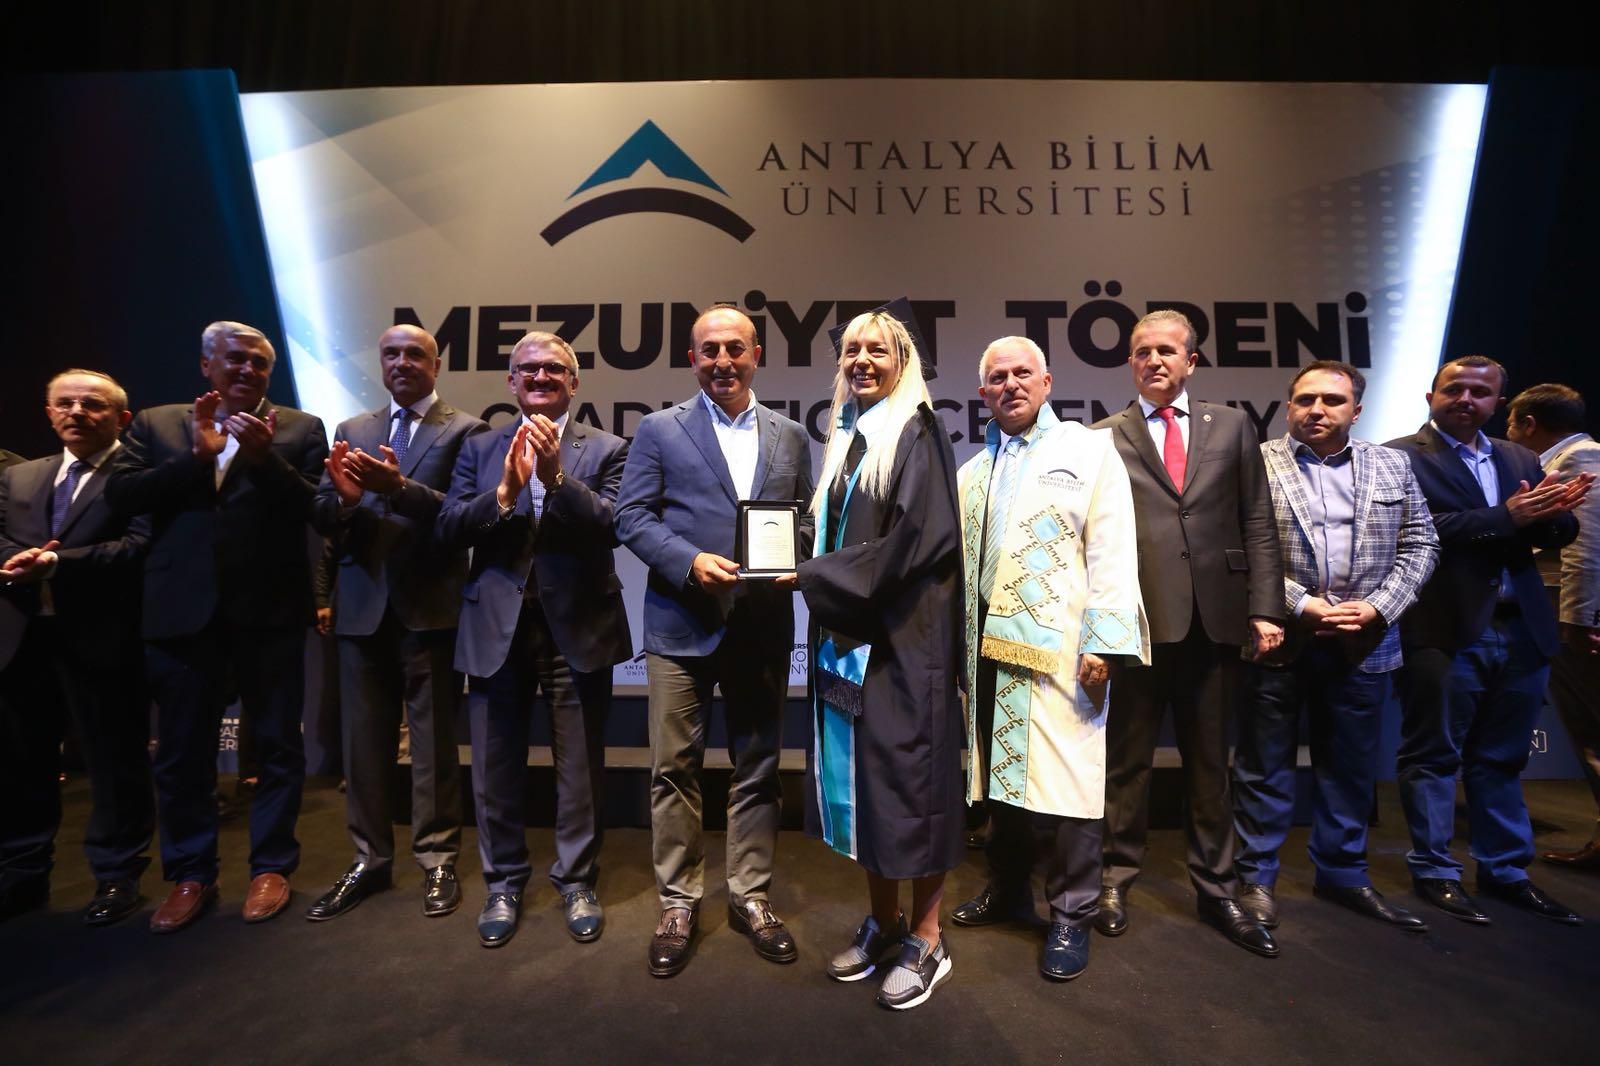 Antalya Bilim Üniversitesi'nde mezuniyet çoşkusu